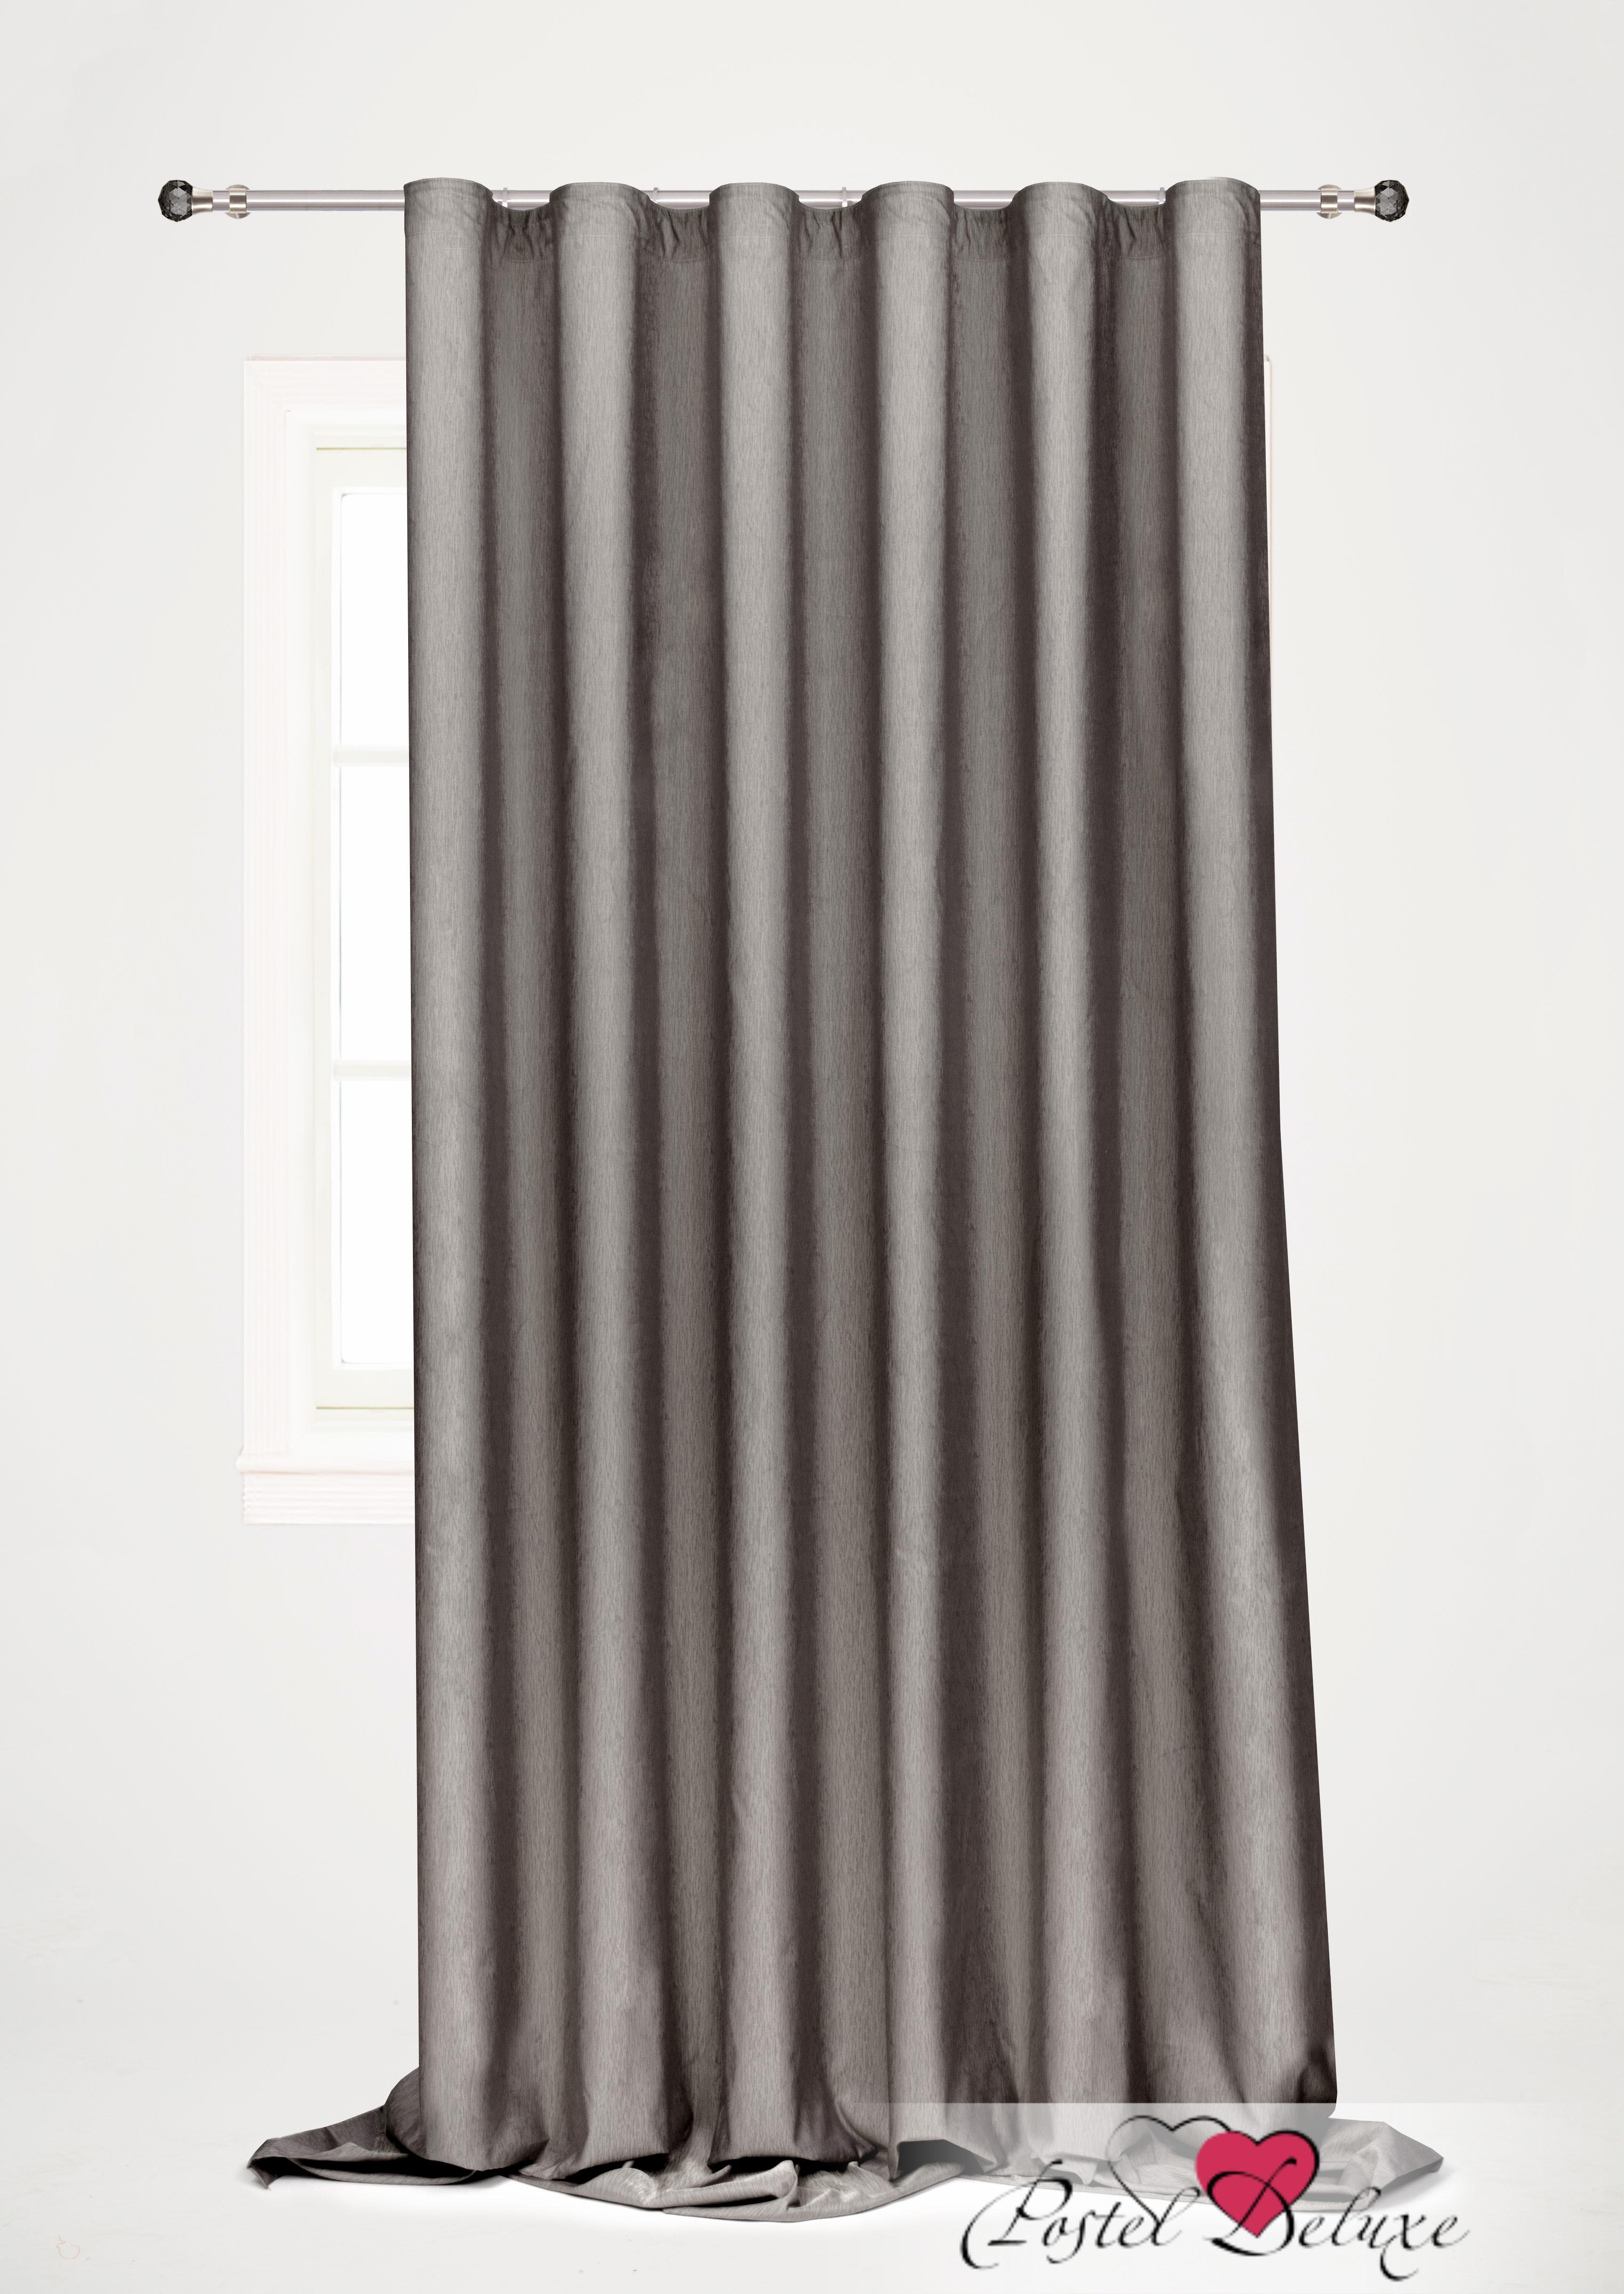 Шторы Garden Классические шторы Хамелеон Цвет: Темно-Серый шторы tac классические шторы winx цвет персиковый 200x265 см